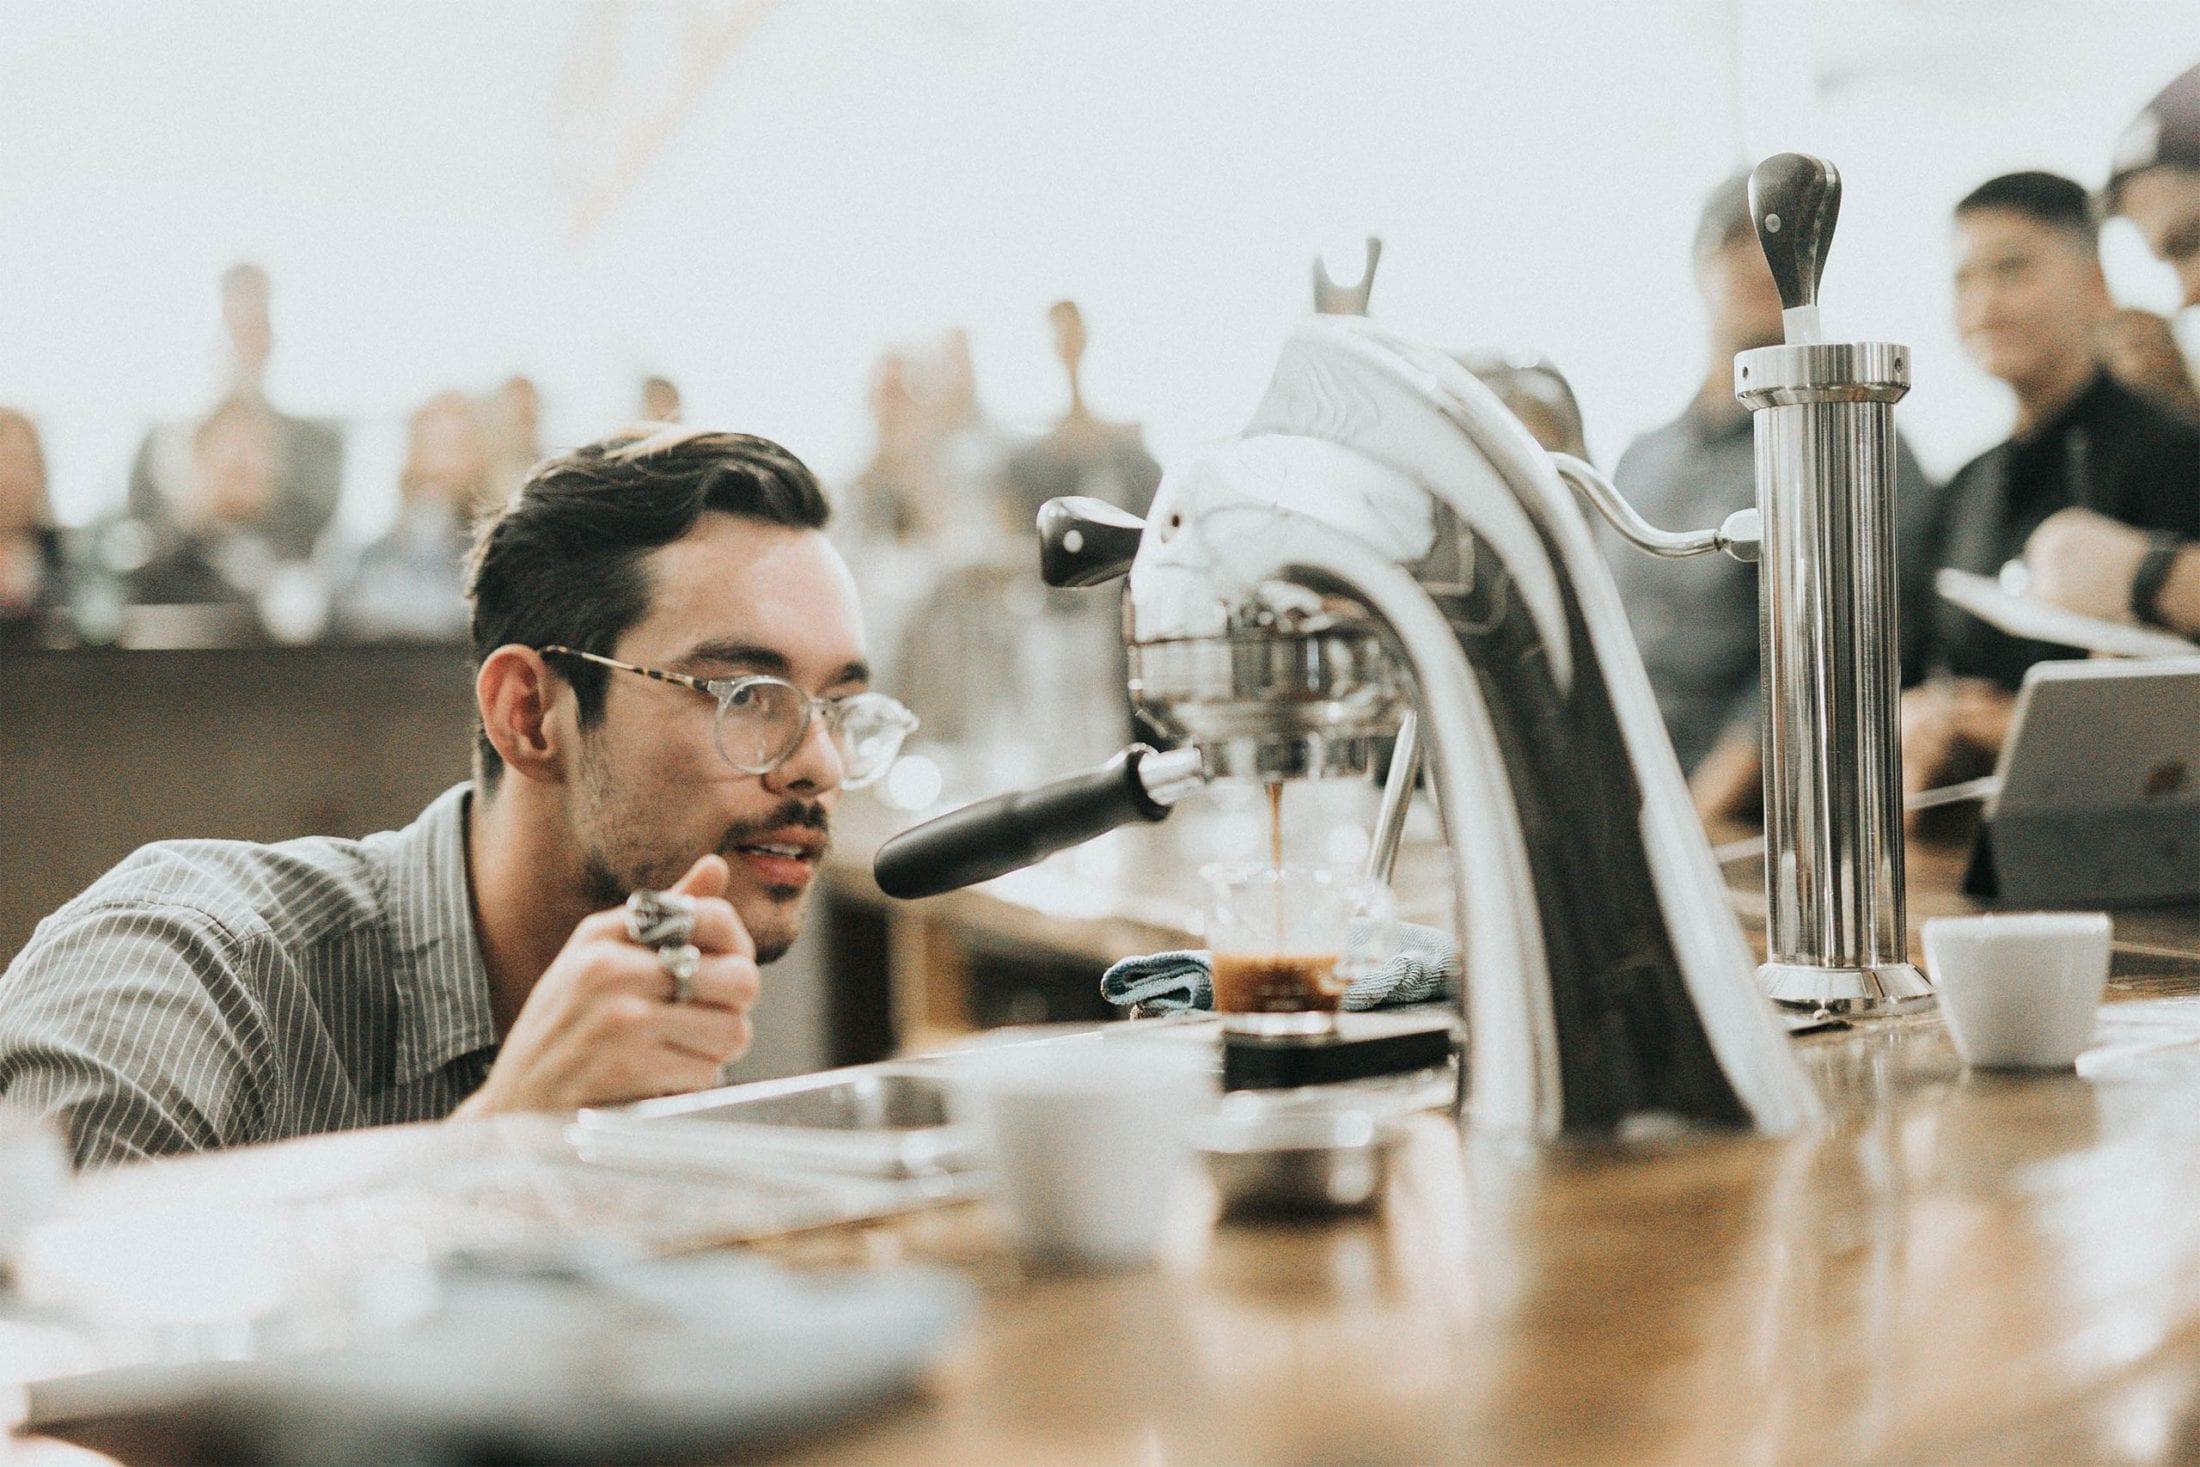 Kaffeetagung 2018 mit Special Guest 2-Cafetier Suisse - Schweizer Arbeitgeberverband Gastronomie